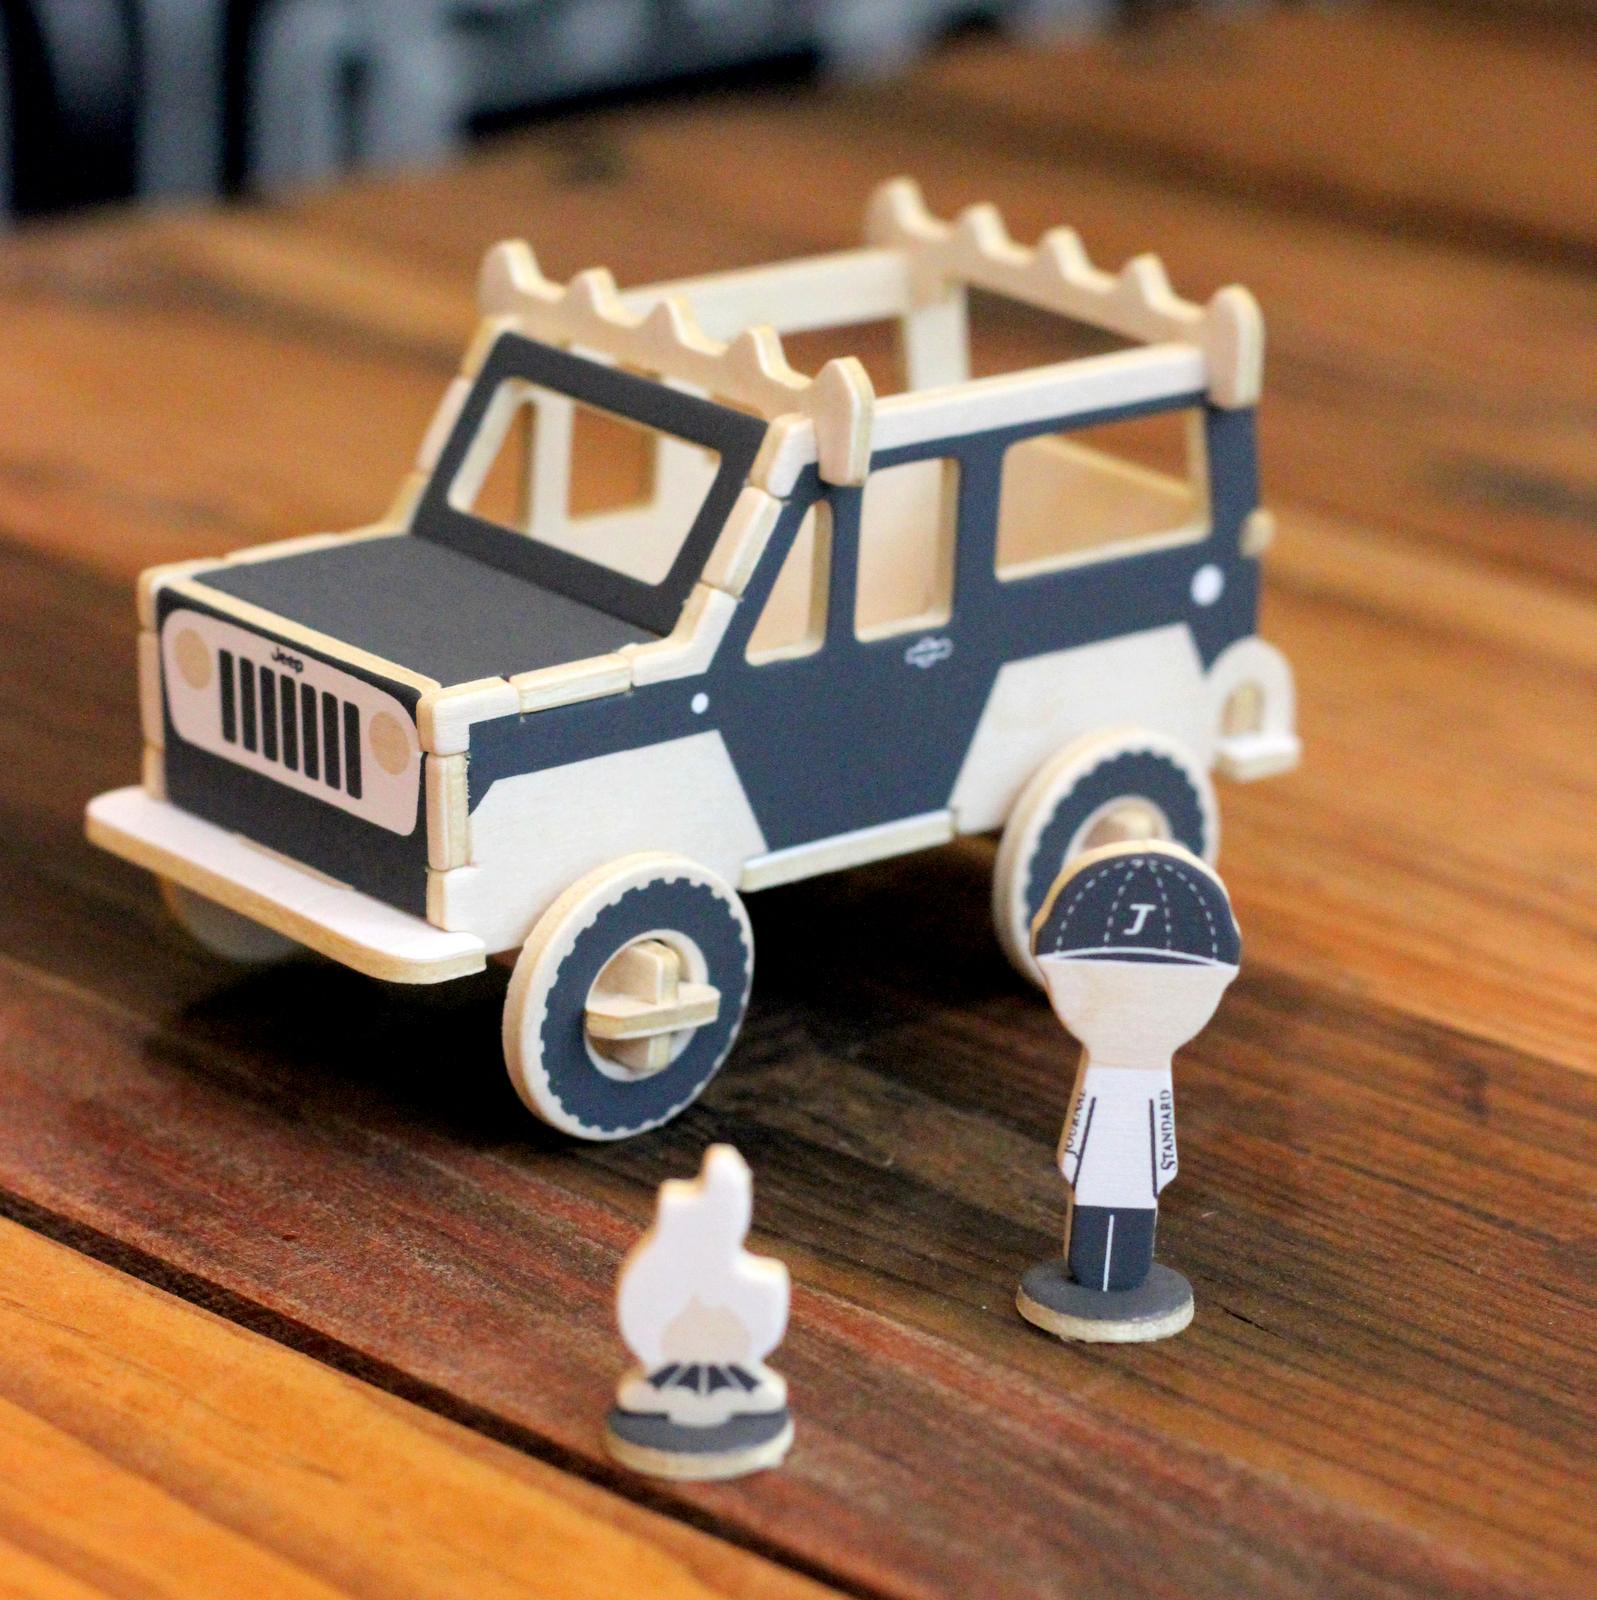 """IMG_9583 Jeep® Wrangler Unlimited """"TOKYO RATED"""" モデルの限定ノベルティがもらえる!〈ジャーナル スタンダード〉との連動キャンペーン実施中!"""